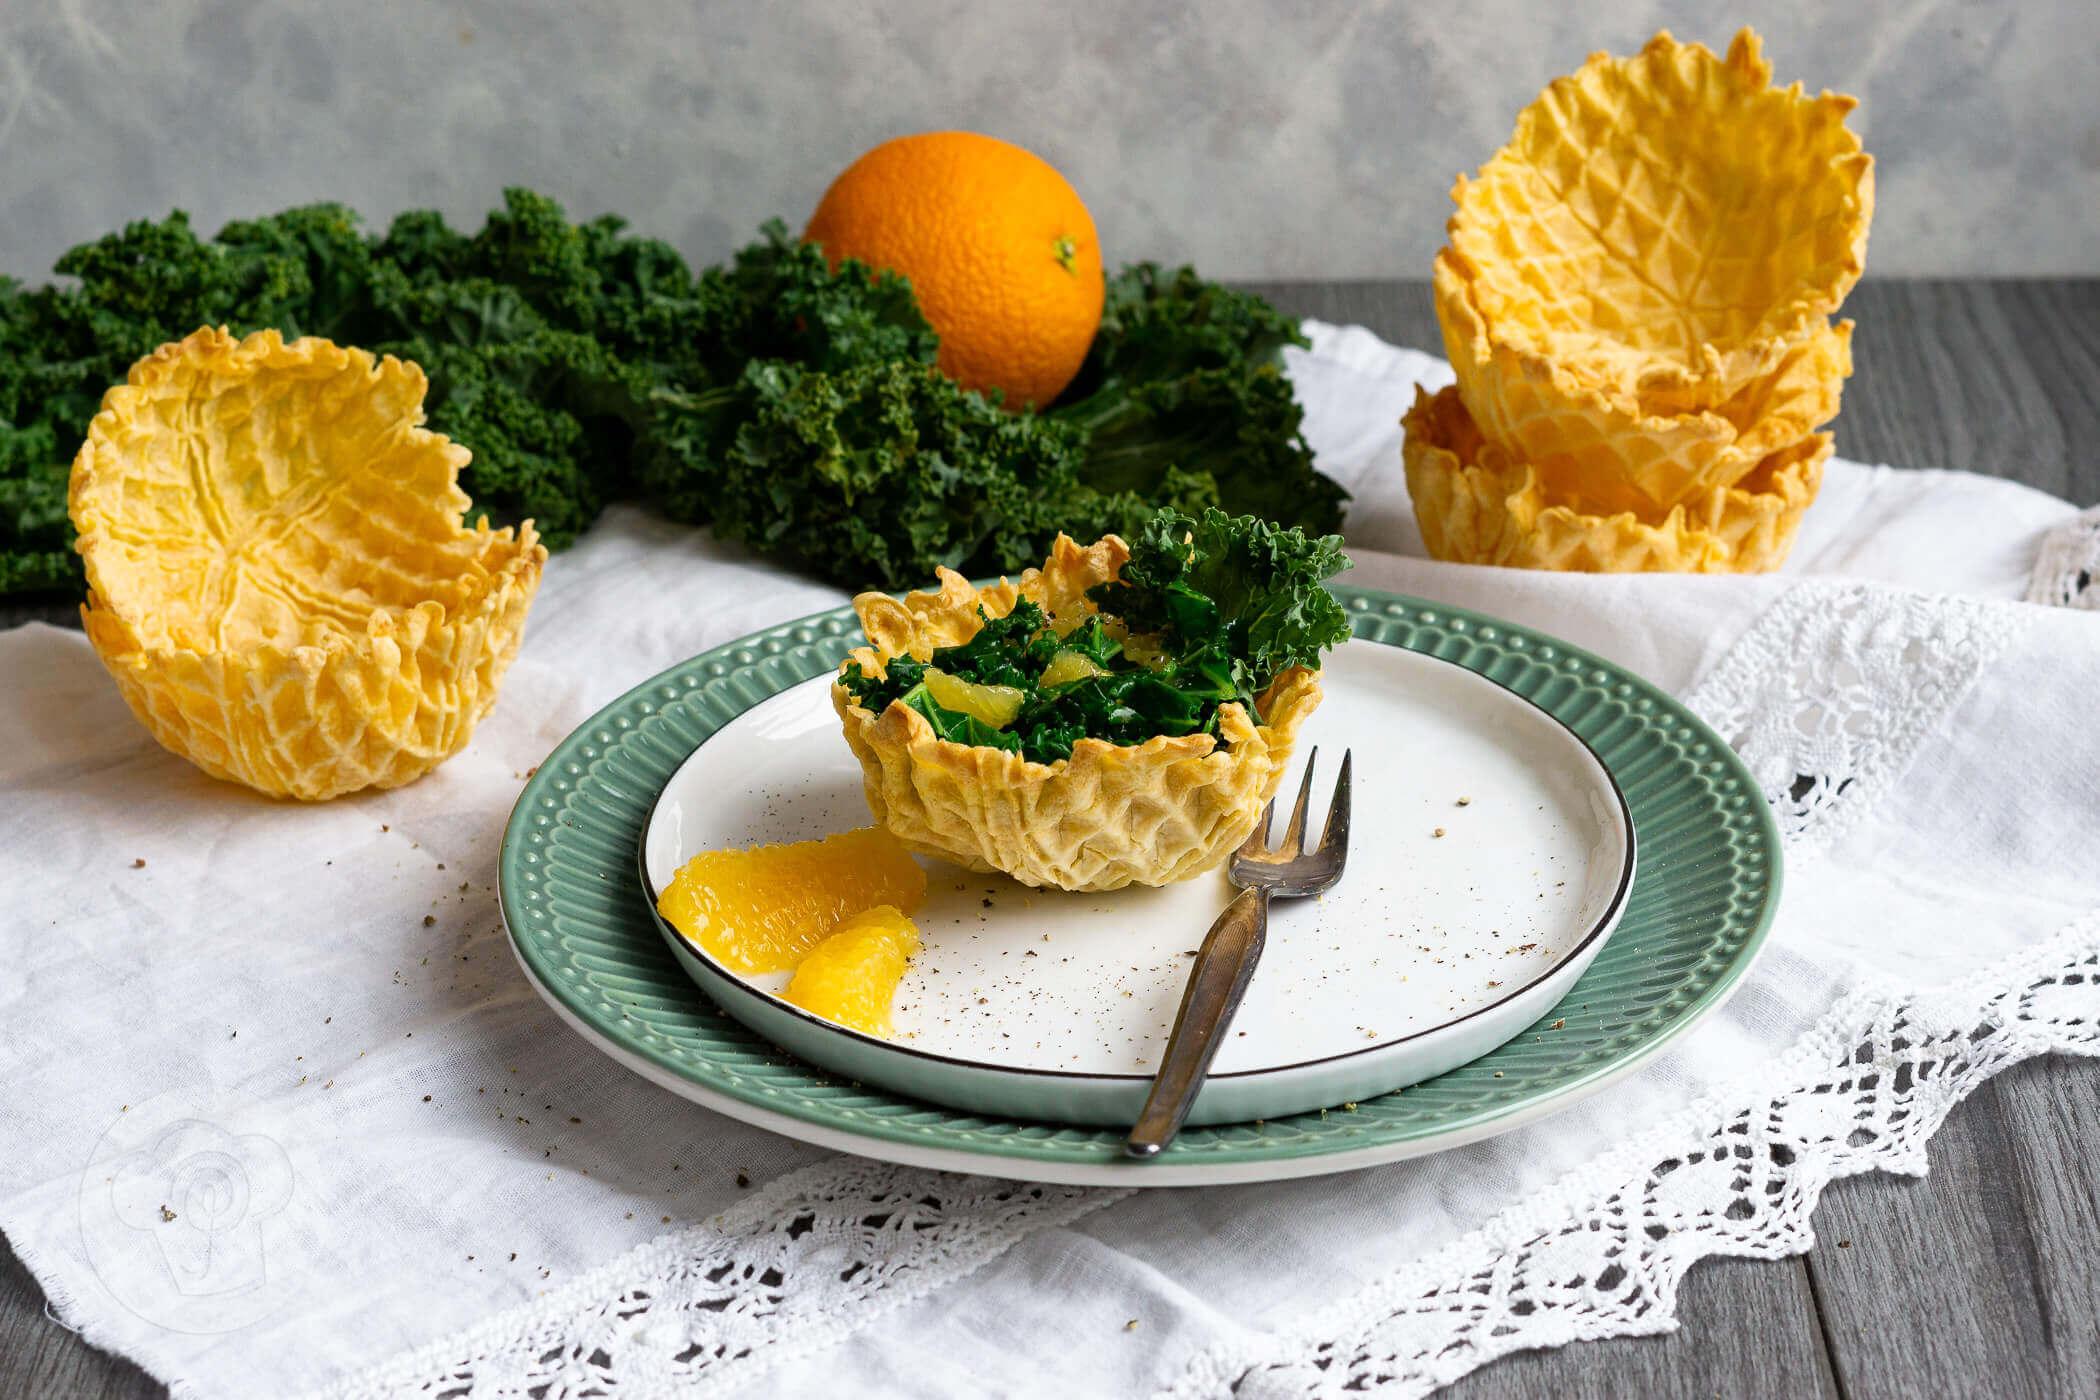 Grünkohlsalat mit Orangen